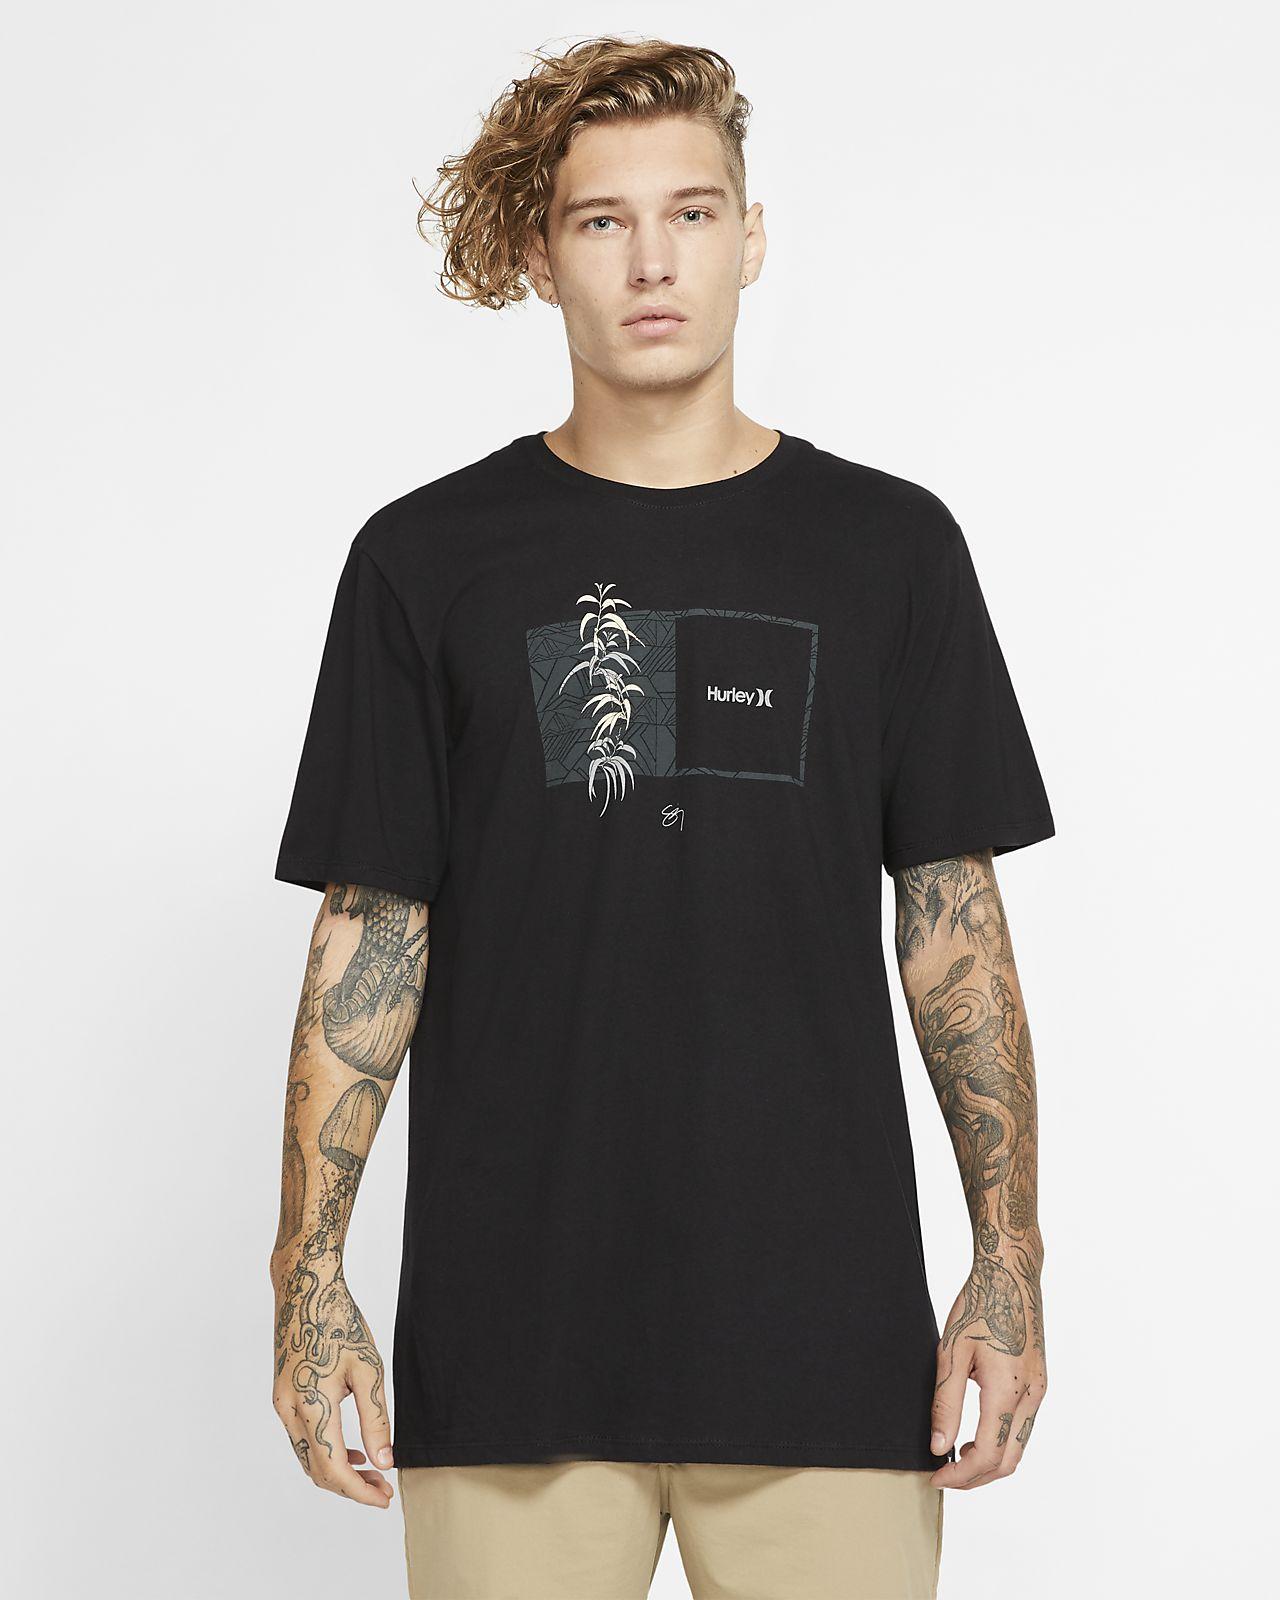 T-shirt Hurley Premium Sig Zane Kalaukoa för män